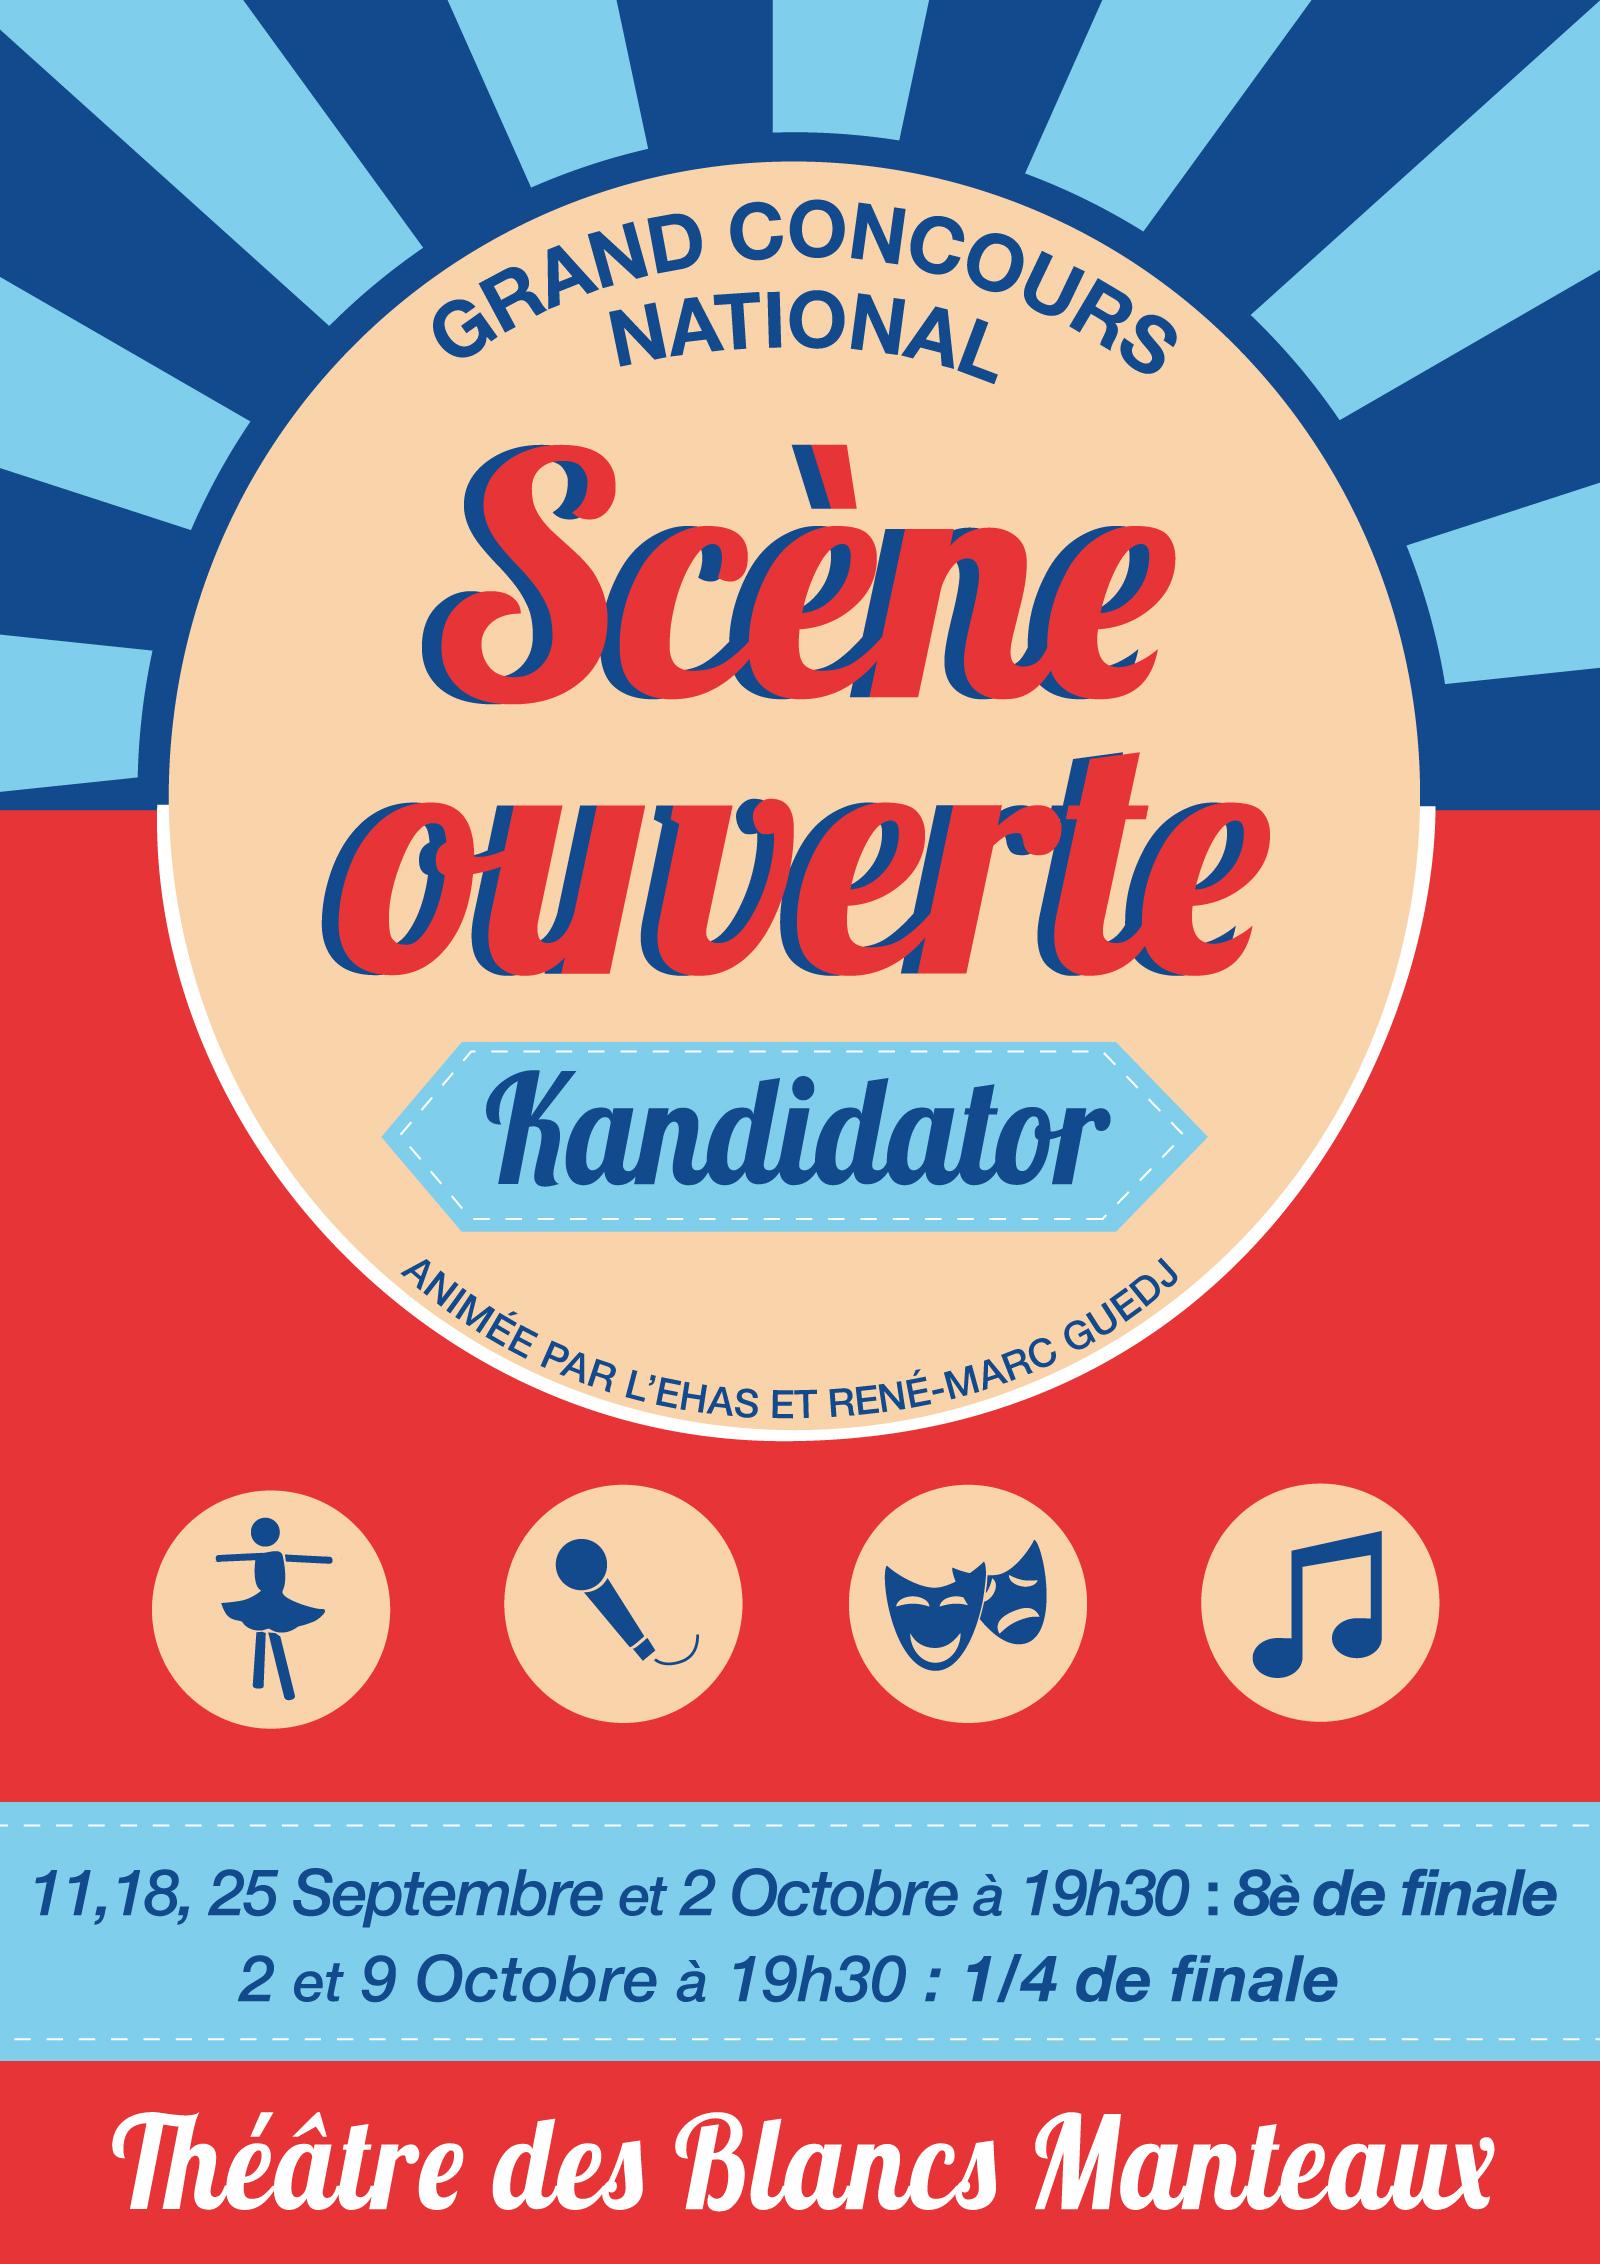 Quart de Finale, le 10 Octobre - Théâtre des Blancs-Manteaux